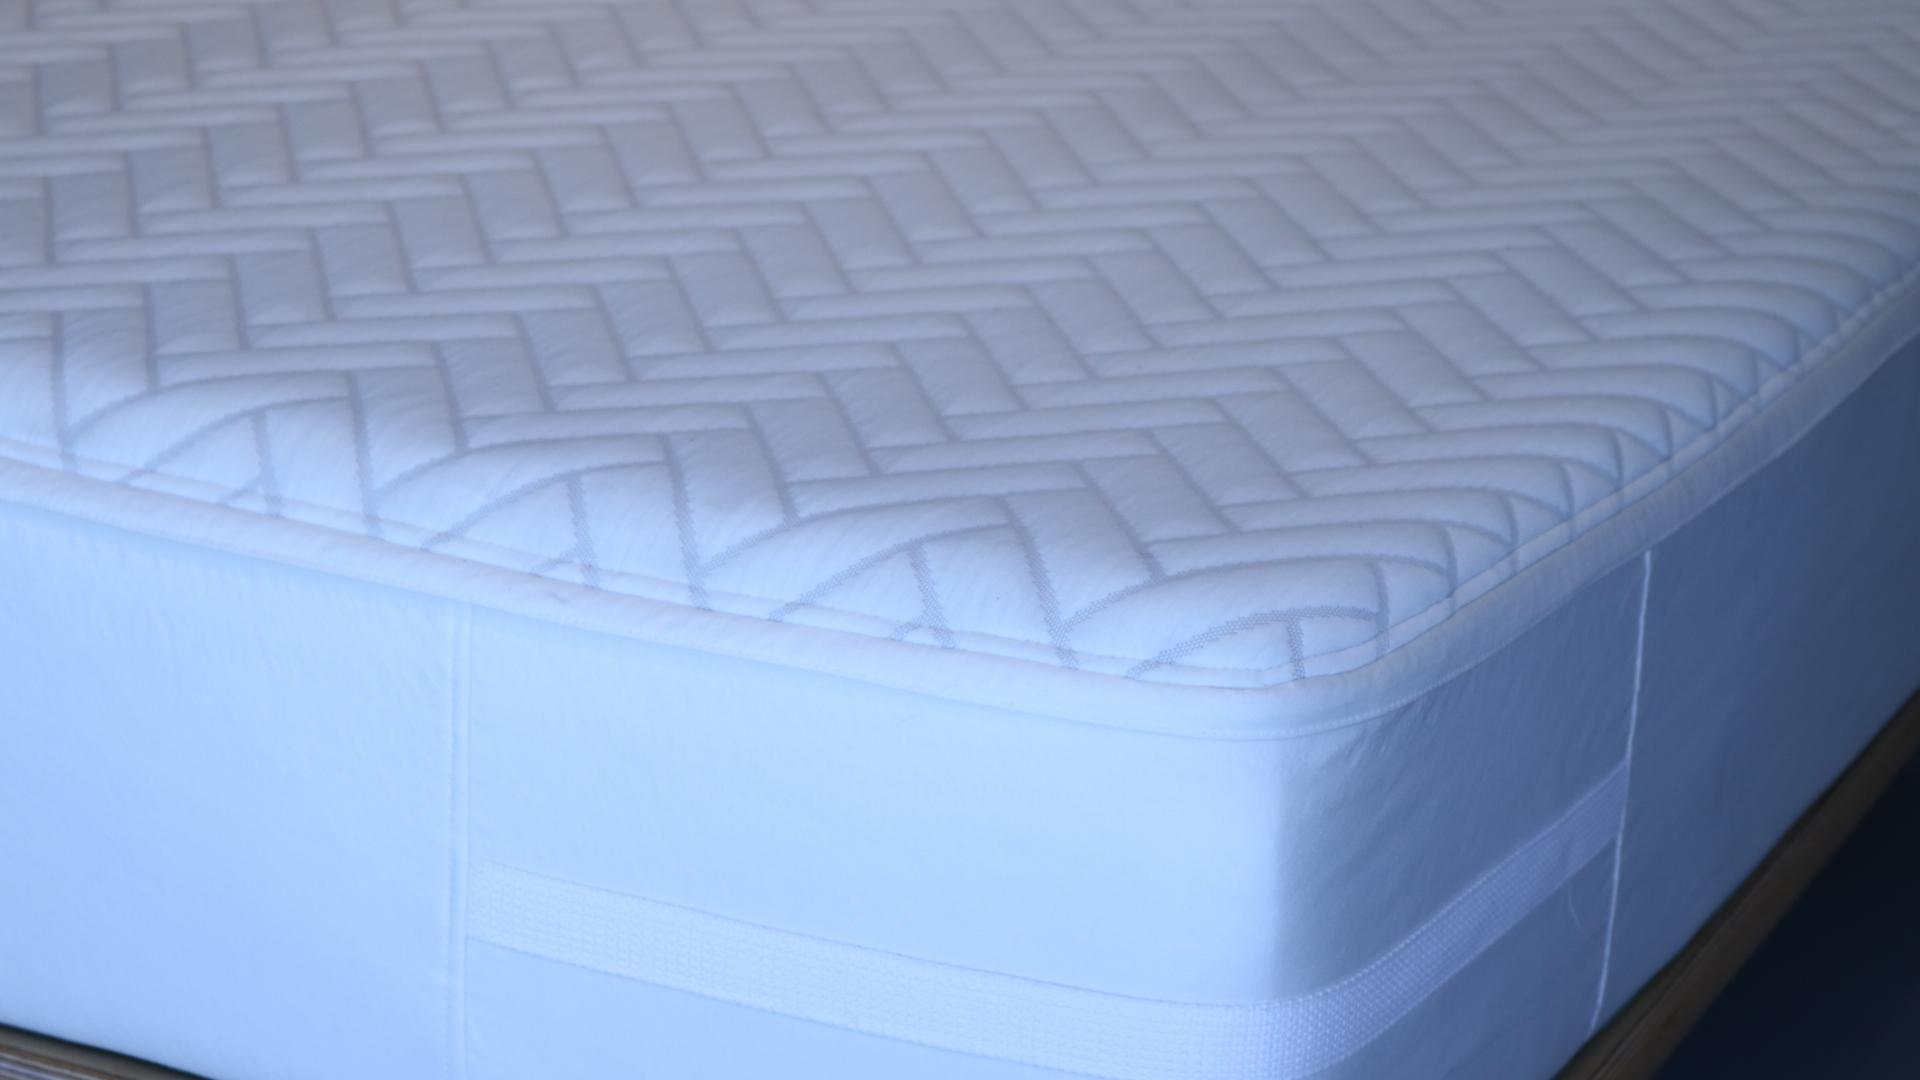 wright mattress review, mattress reviews, girl on the mattress